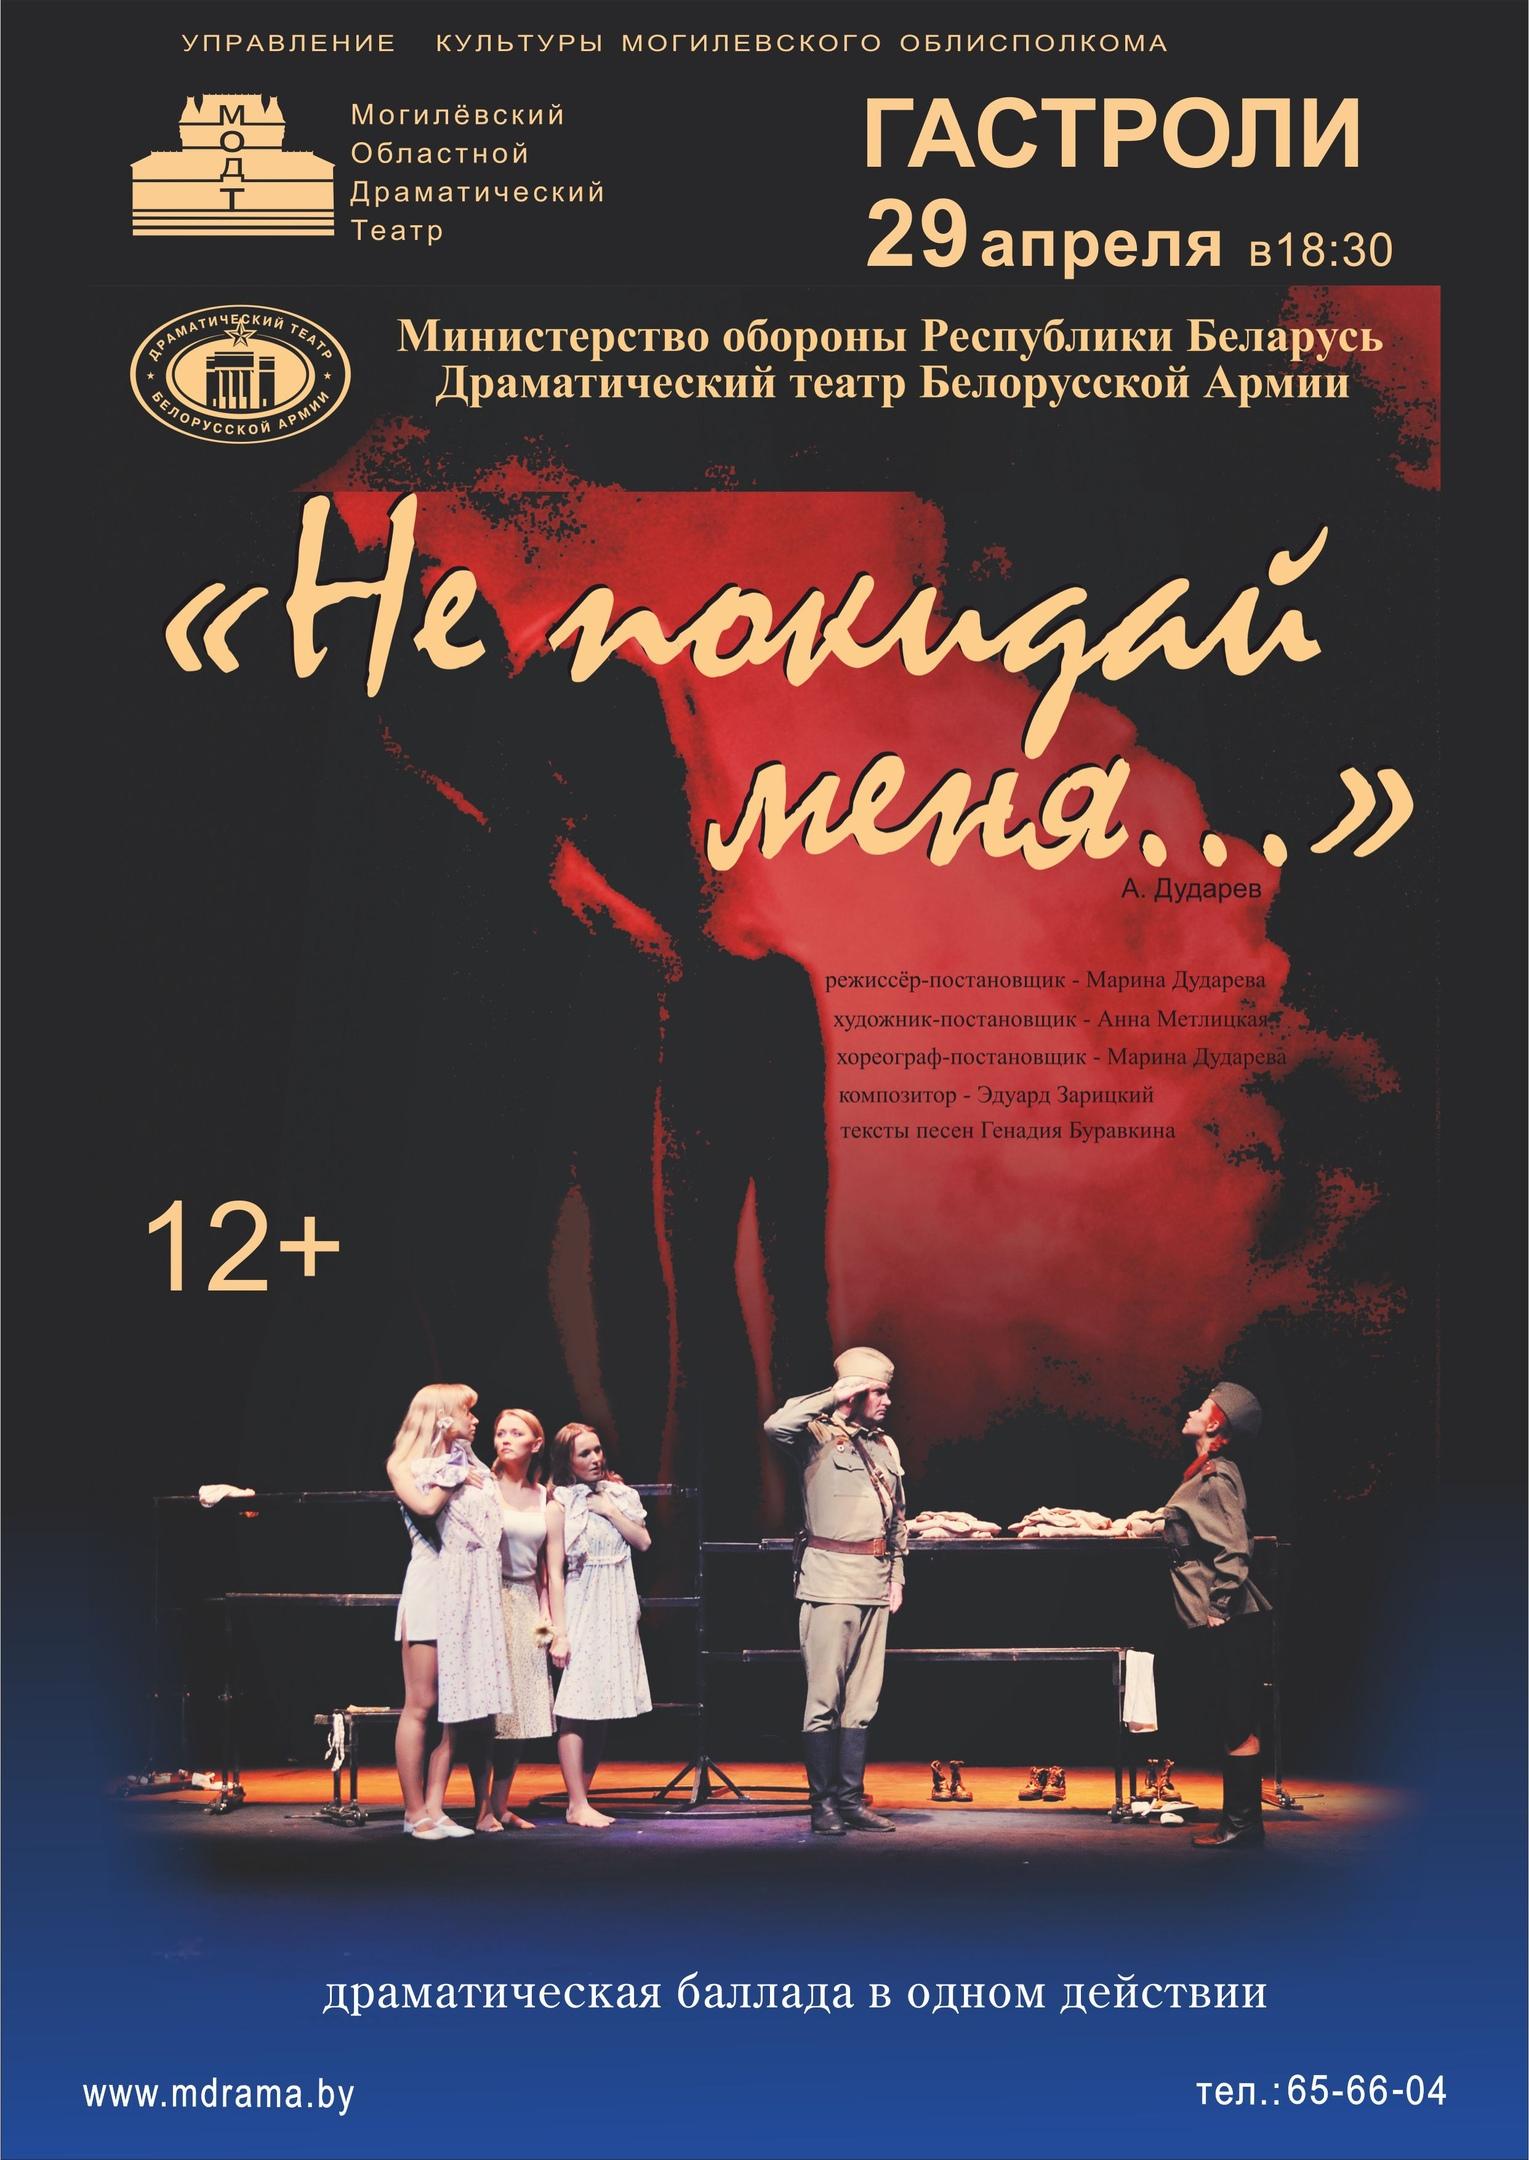 Драматическая баллада водном действии: спектакль «Непокидай меня» представят вМогилеве 29апреля